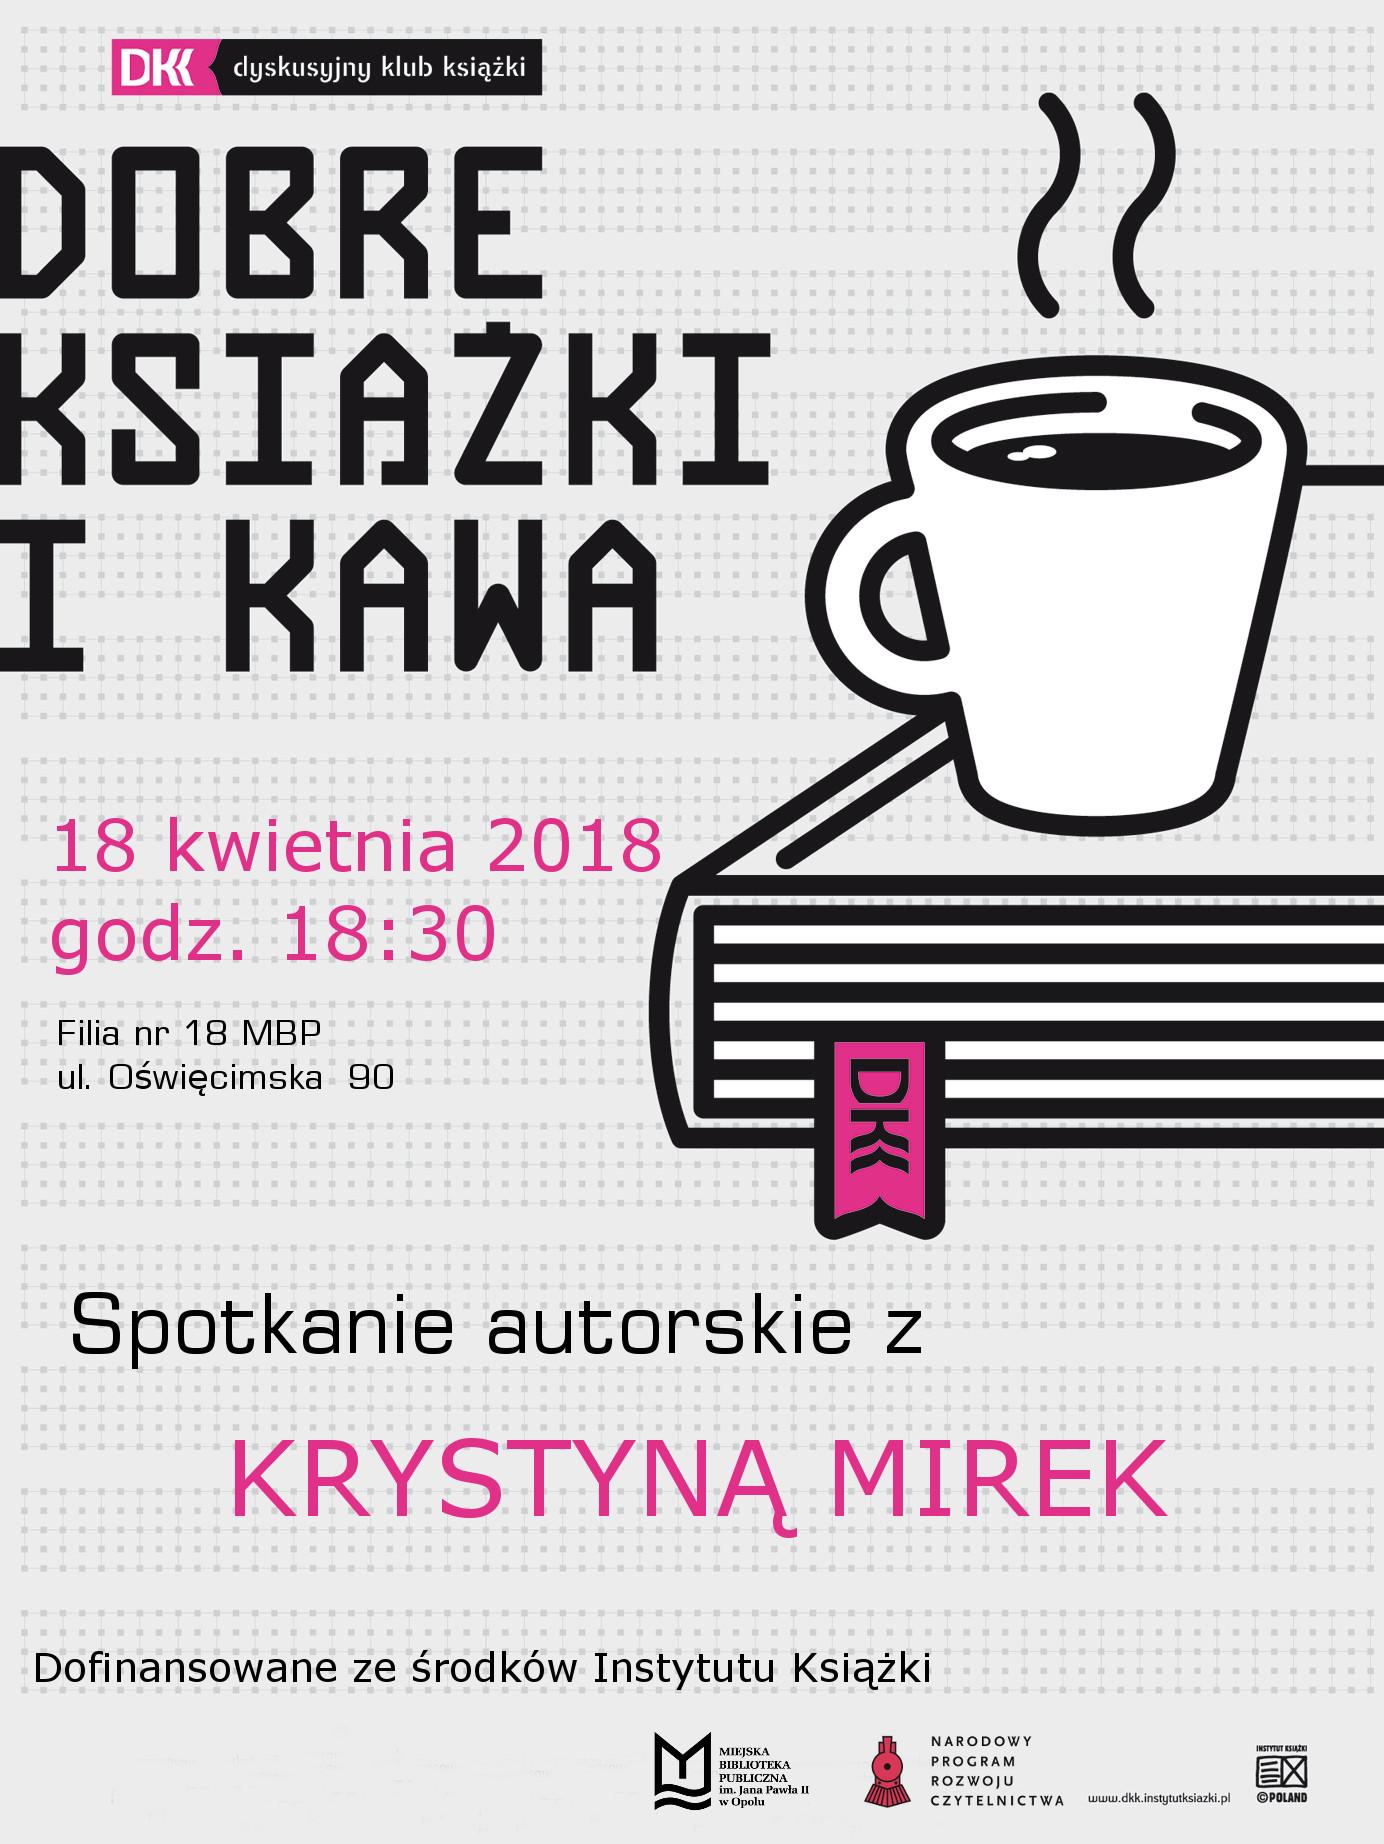 Krystyna Mirek – spotkanie autorskie w ramach Dyskusyjnego Klubu Książki